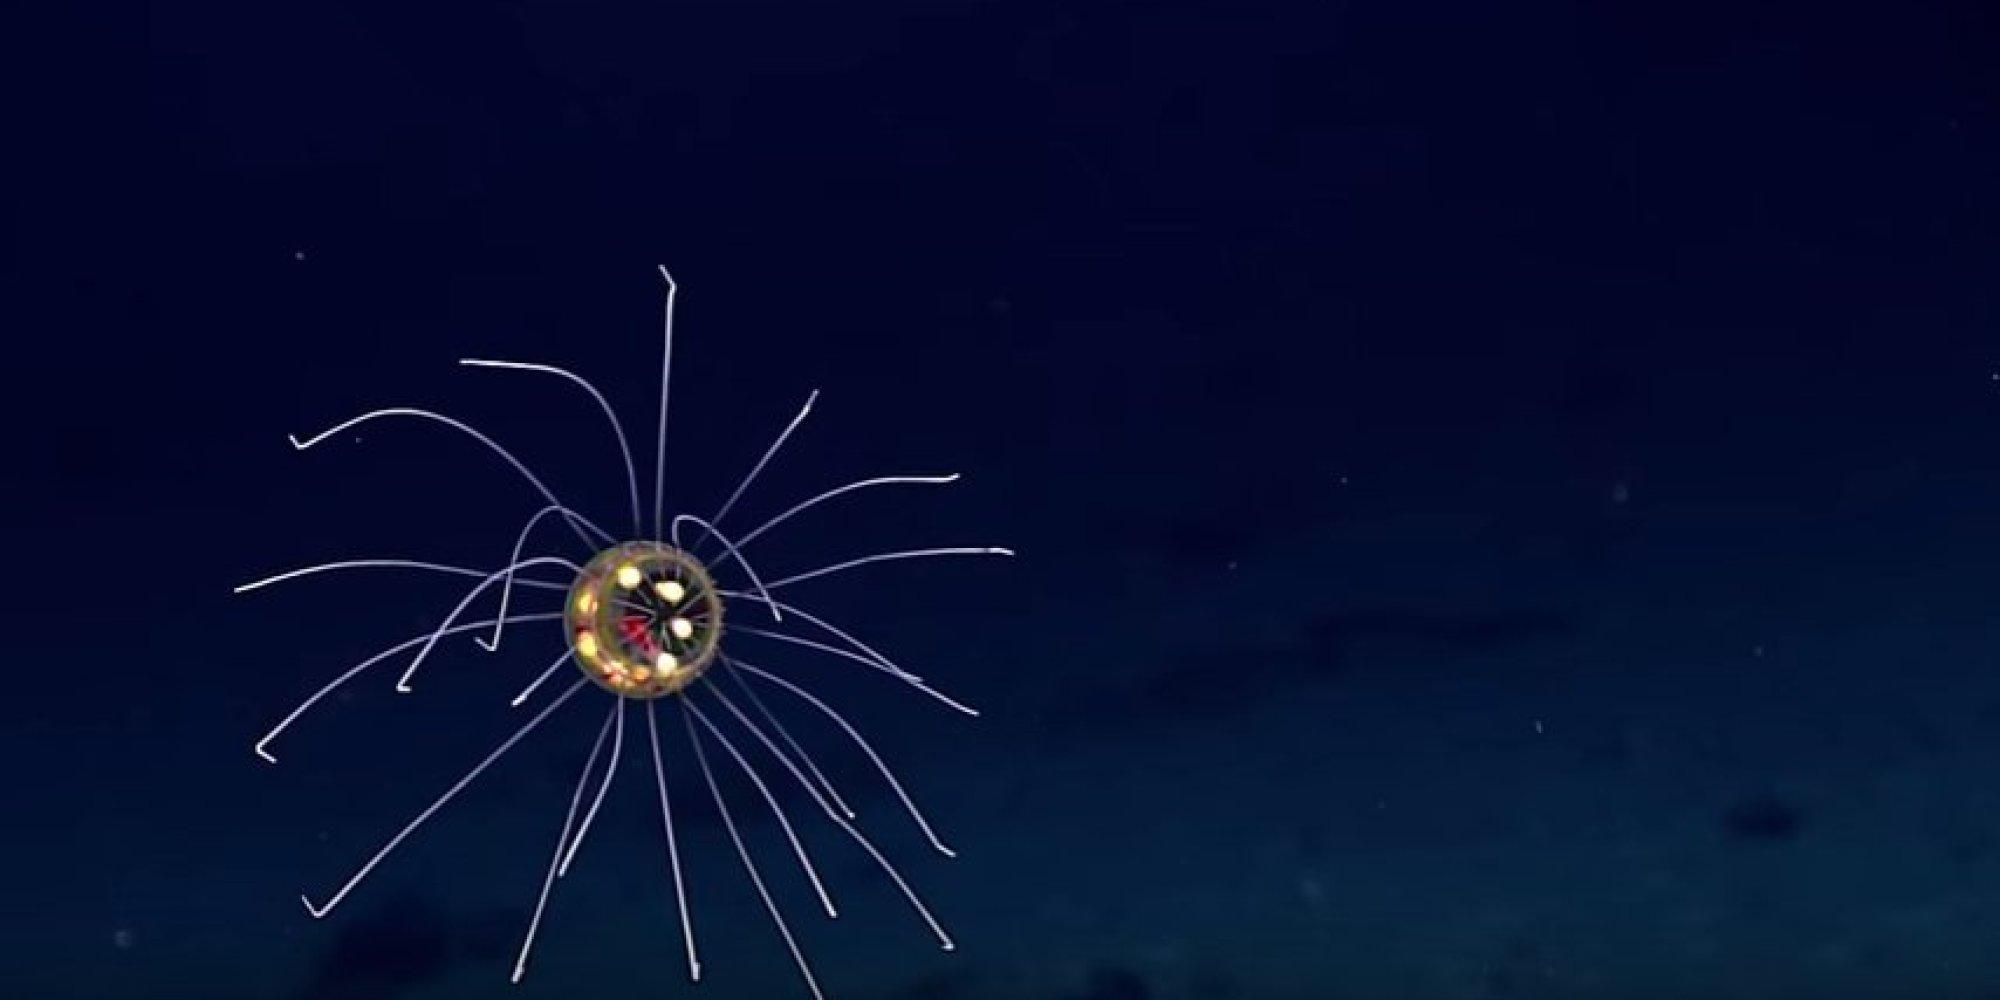 La fossa delle Marianne e la medusa aliena